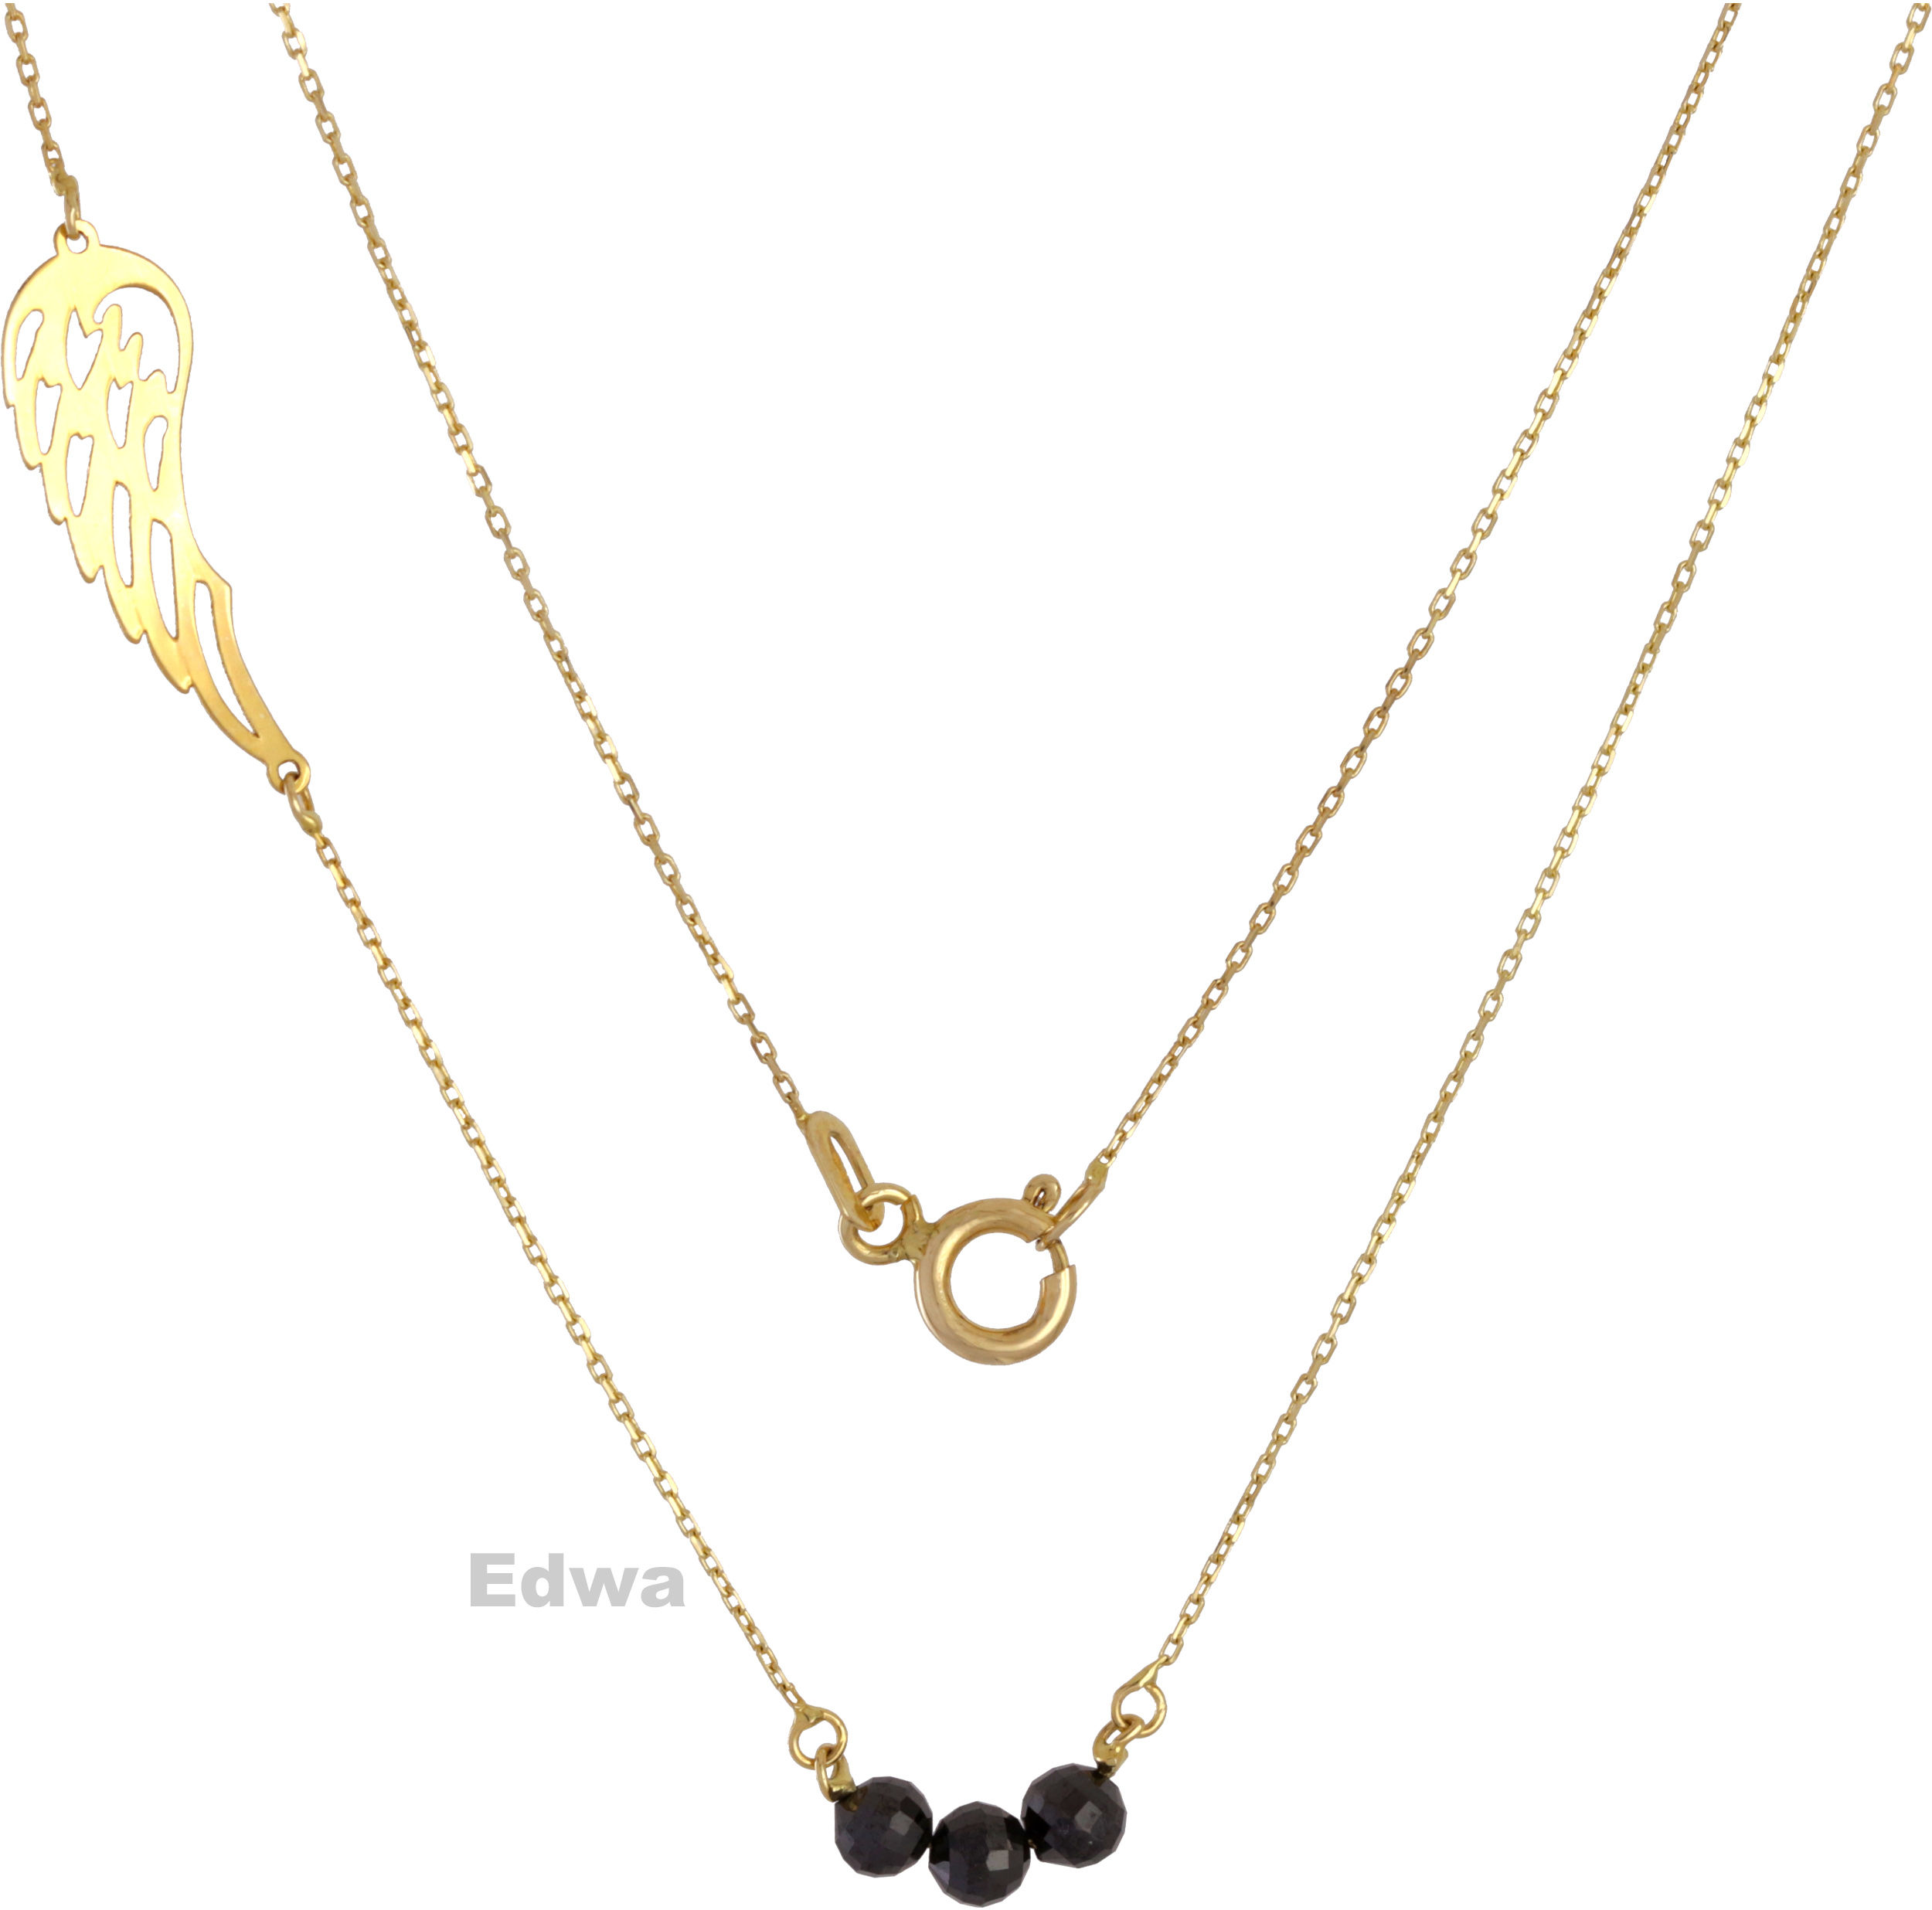 Łańcuszka złota celebrytka z koralikami i skrzydłem Anioła pr.585. 42 cm